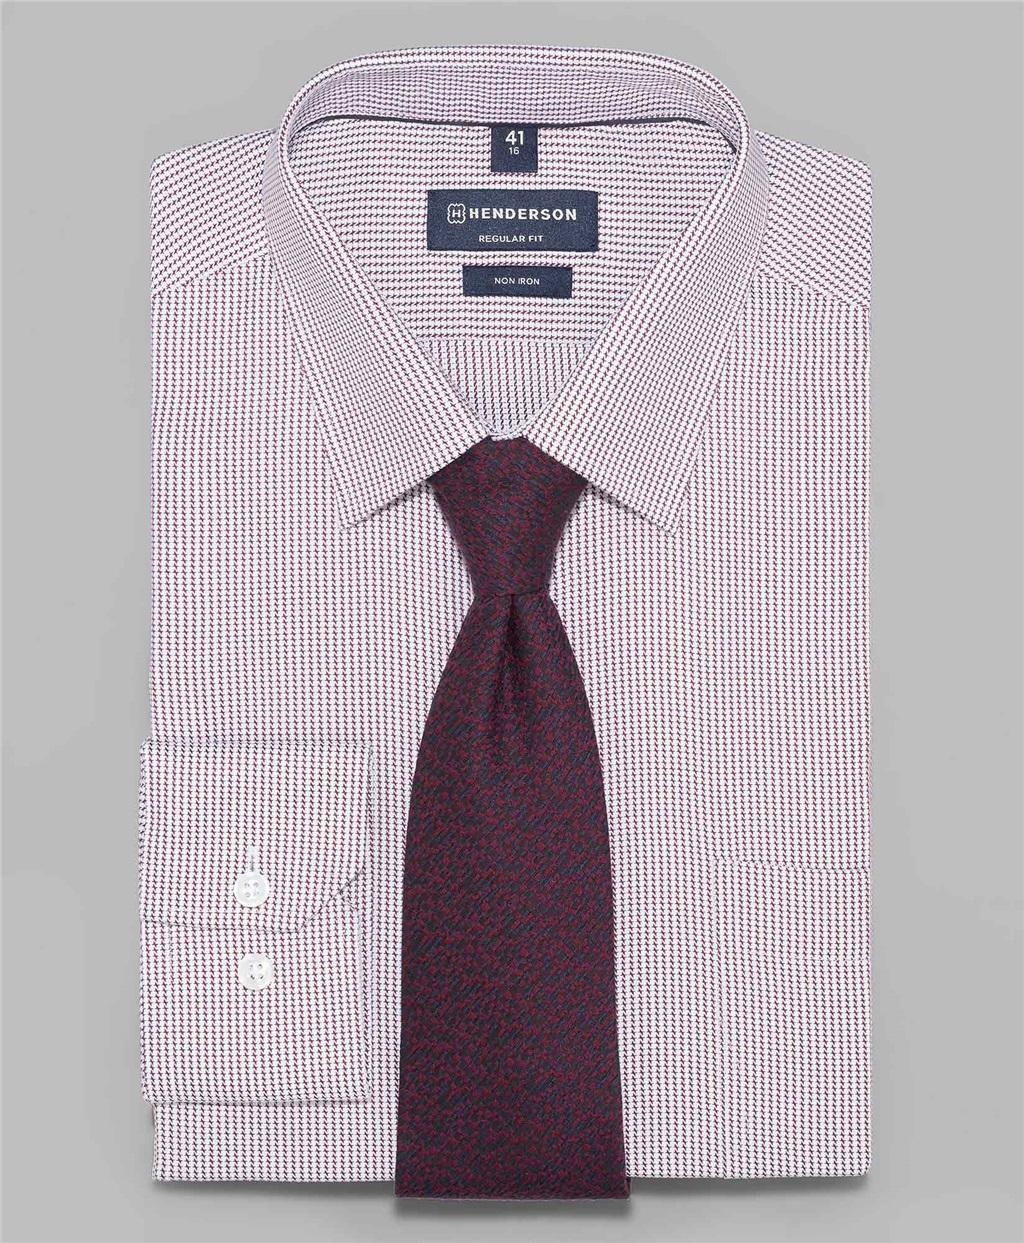 Рубашка прямой силуэт HENDERSON SHL-1447-N BORDO фото